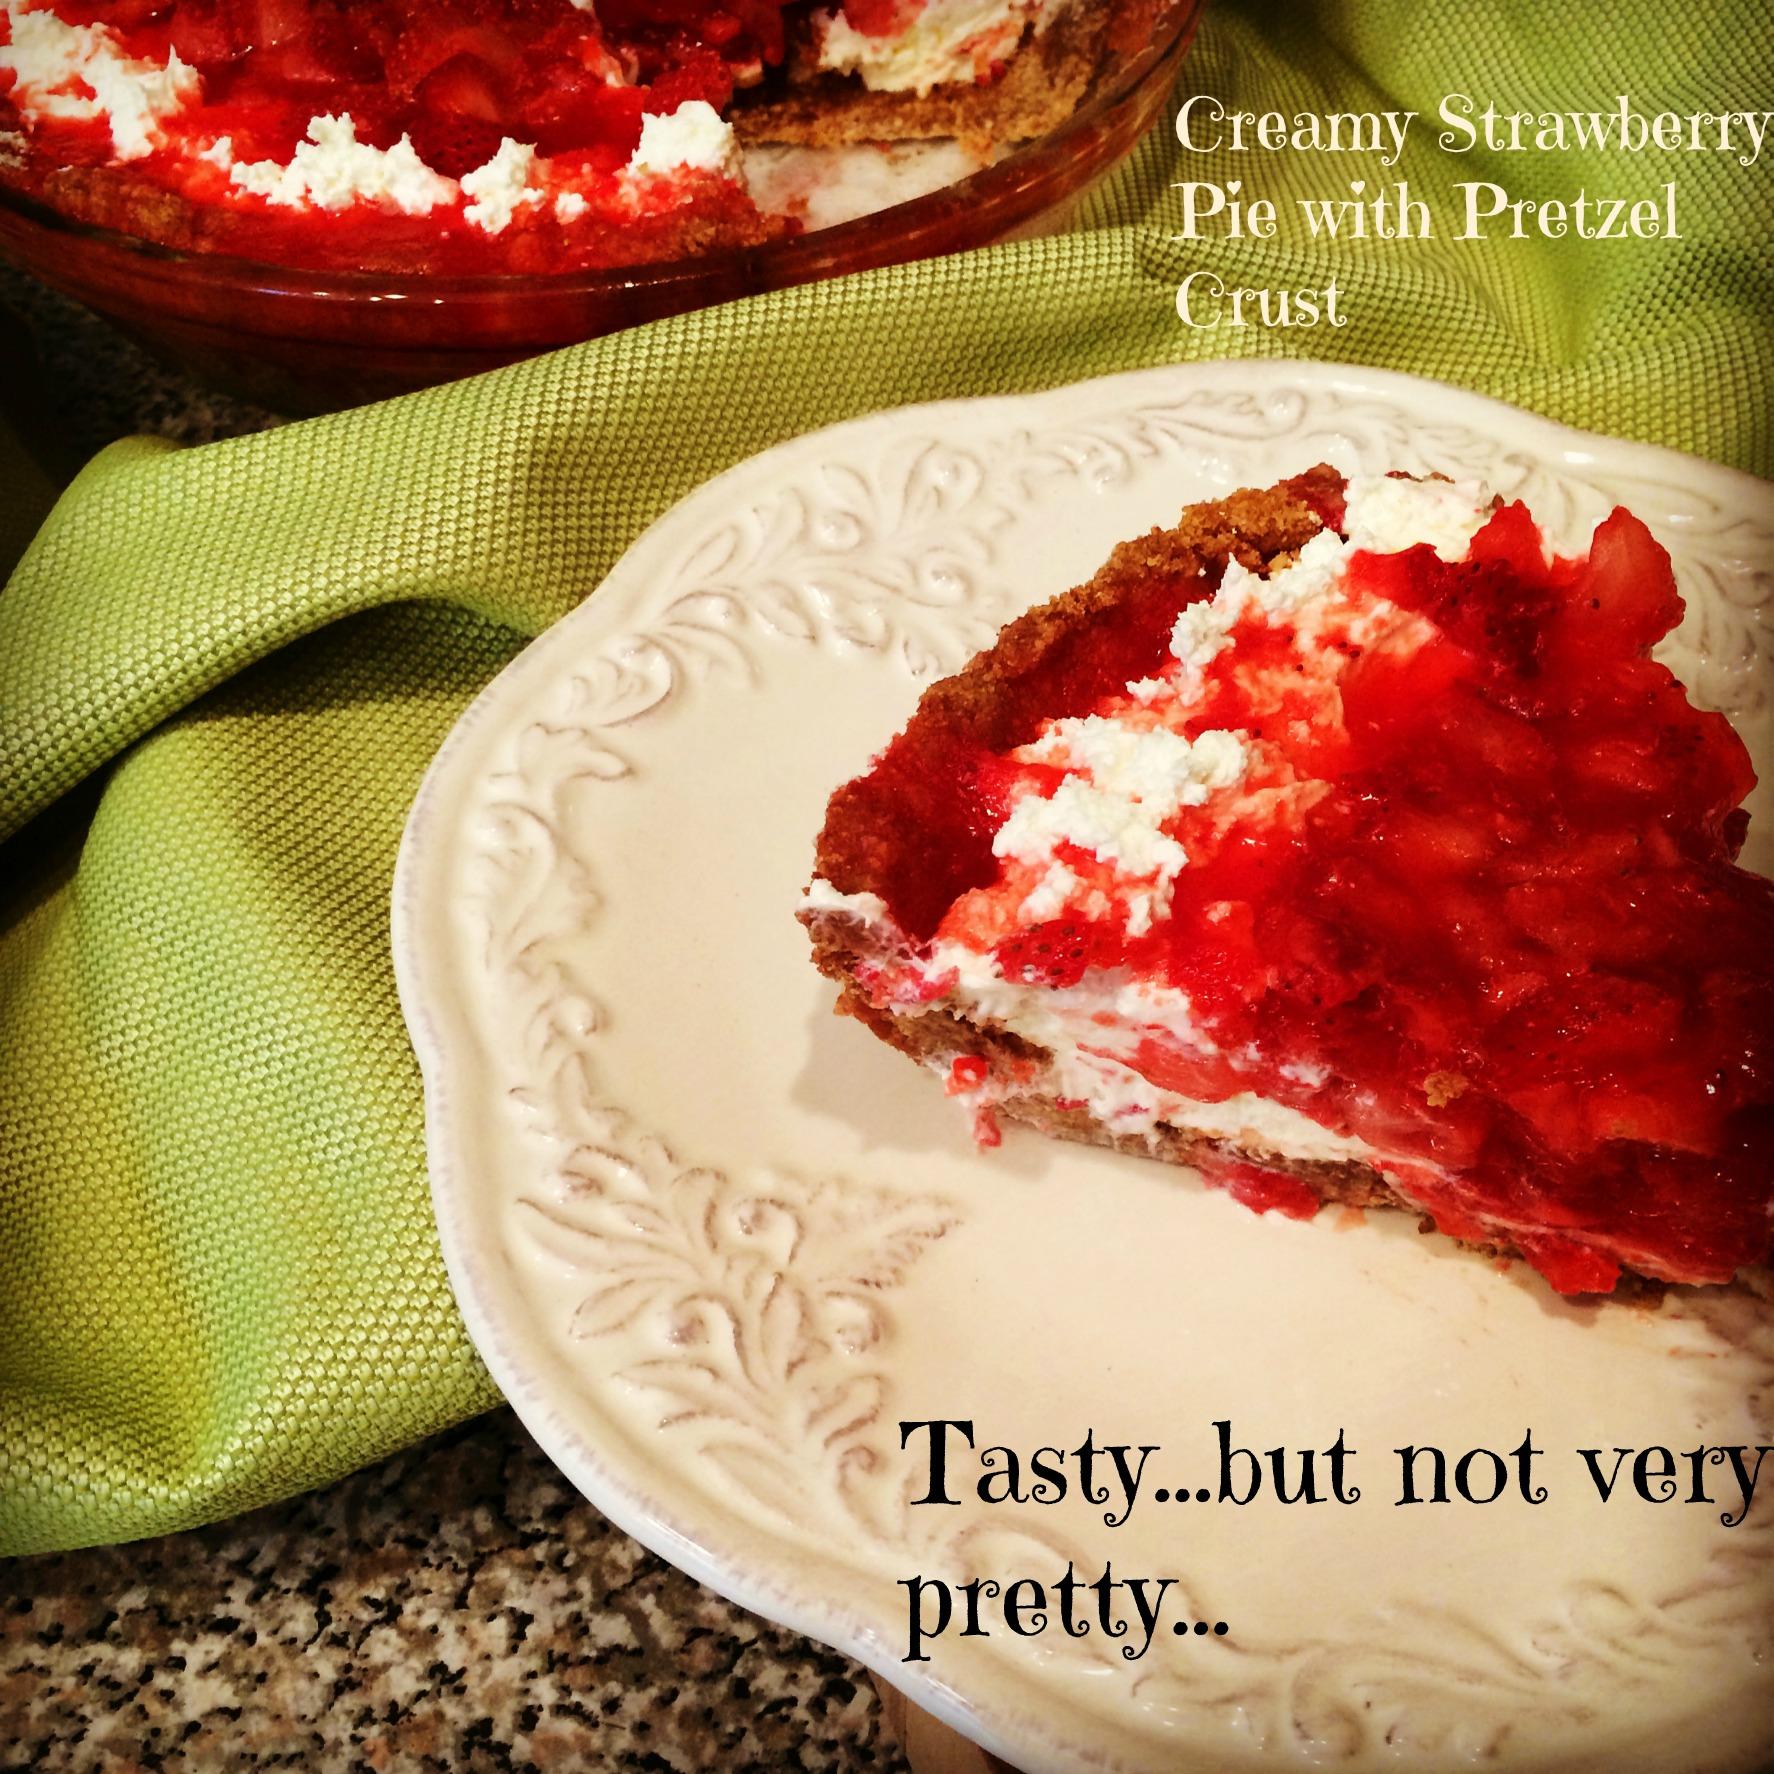 Creamy Strawberry Pie With Pretzel Crust